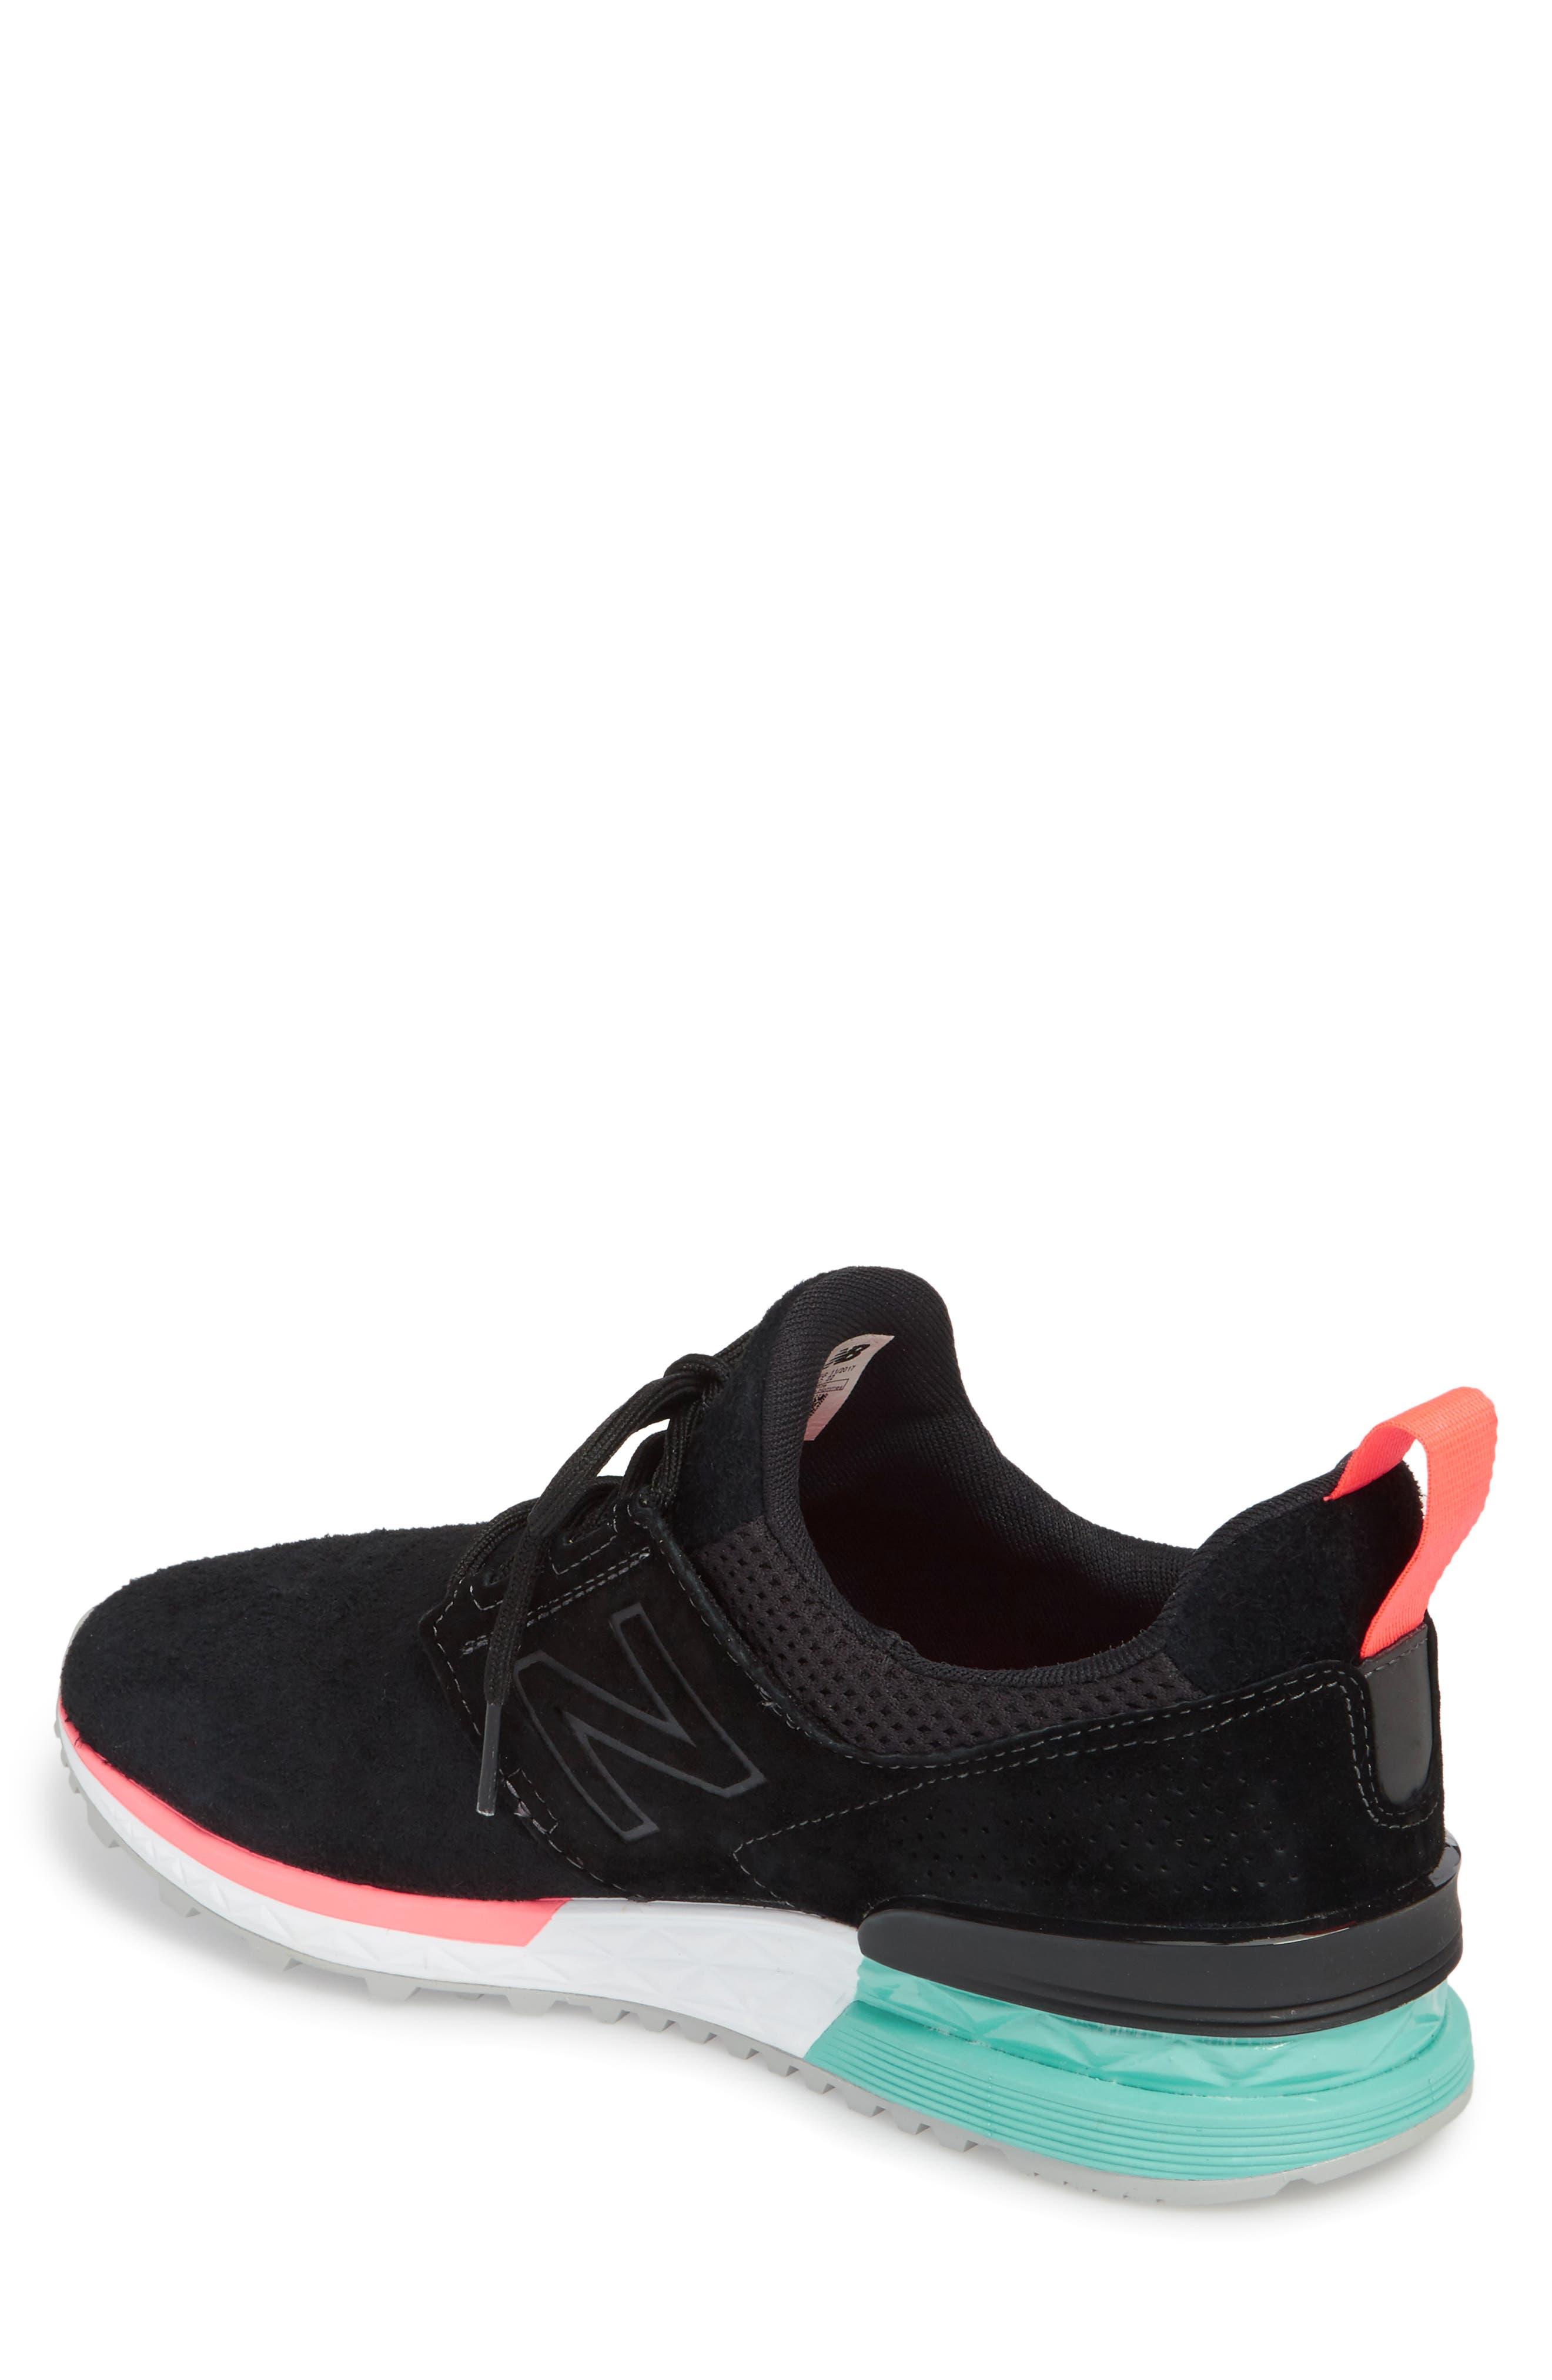 574 Sport Sneaker,                             Alternate thumbnail 2, color,                             001